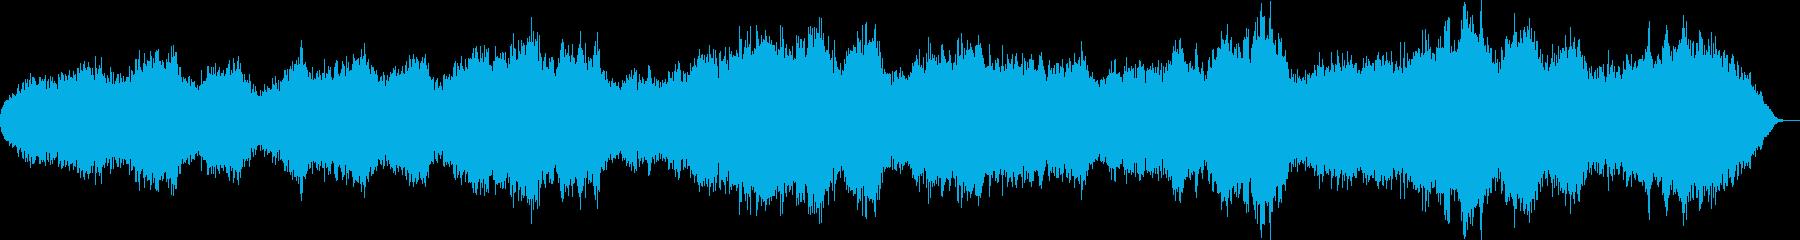 シンセで弾いた落葉のイメージの再生済みの波形